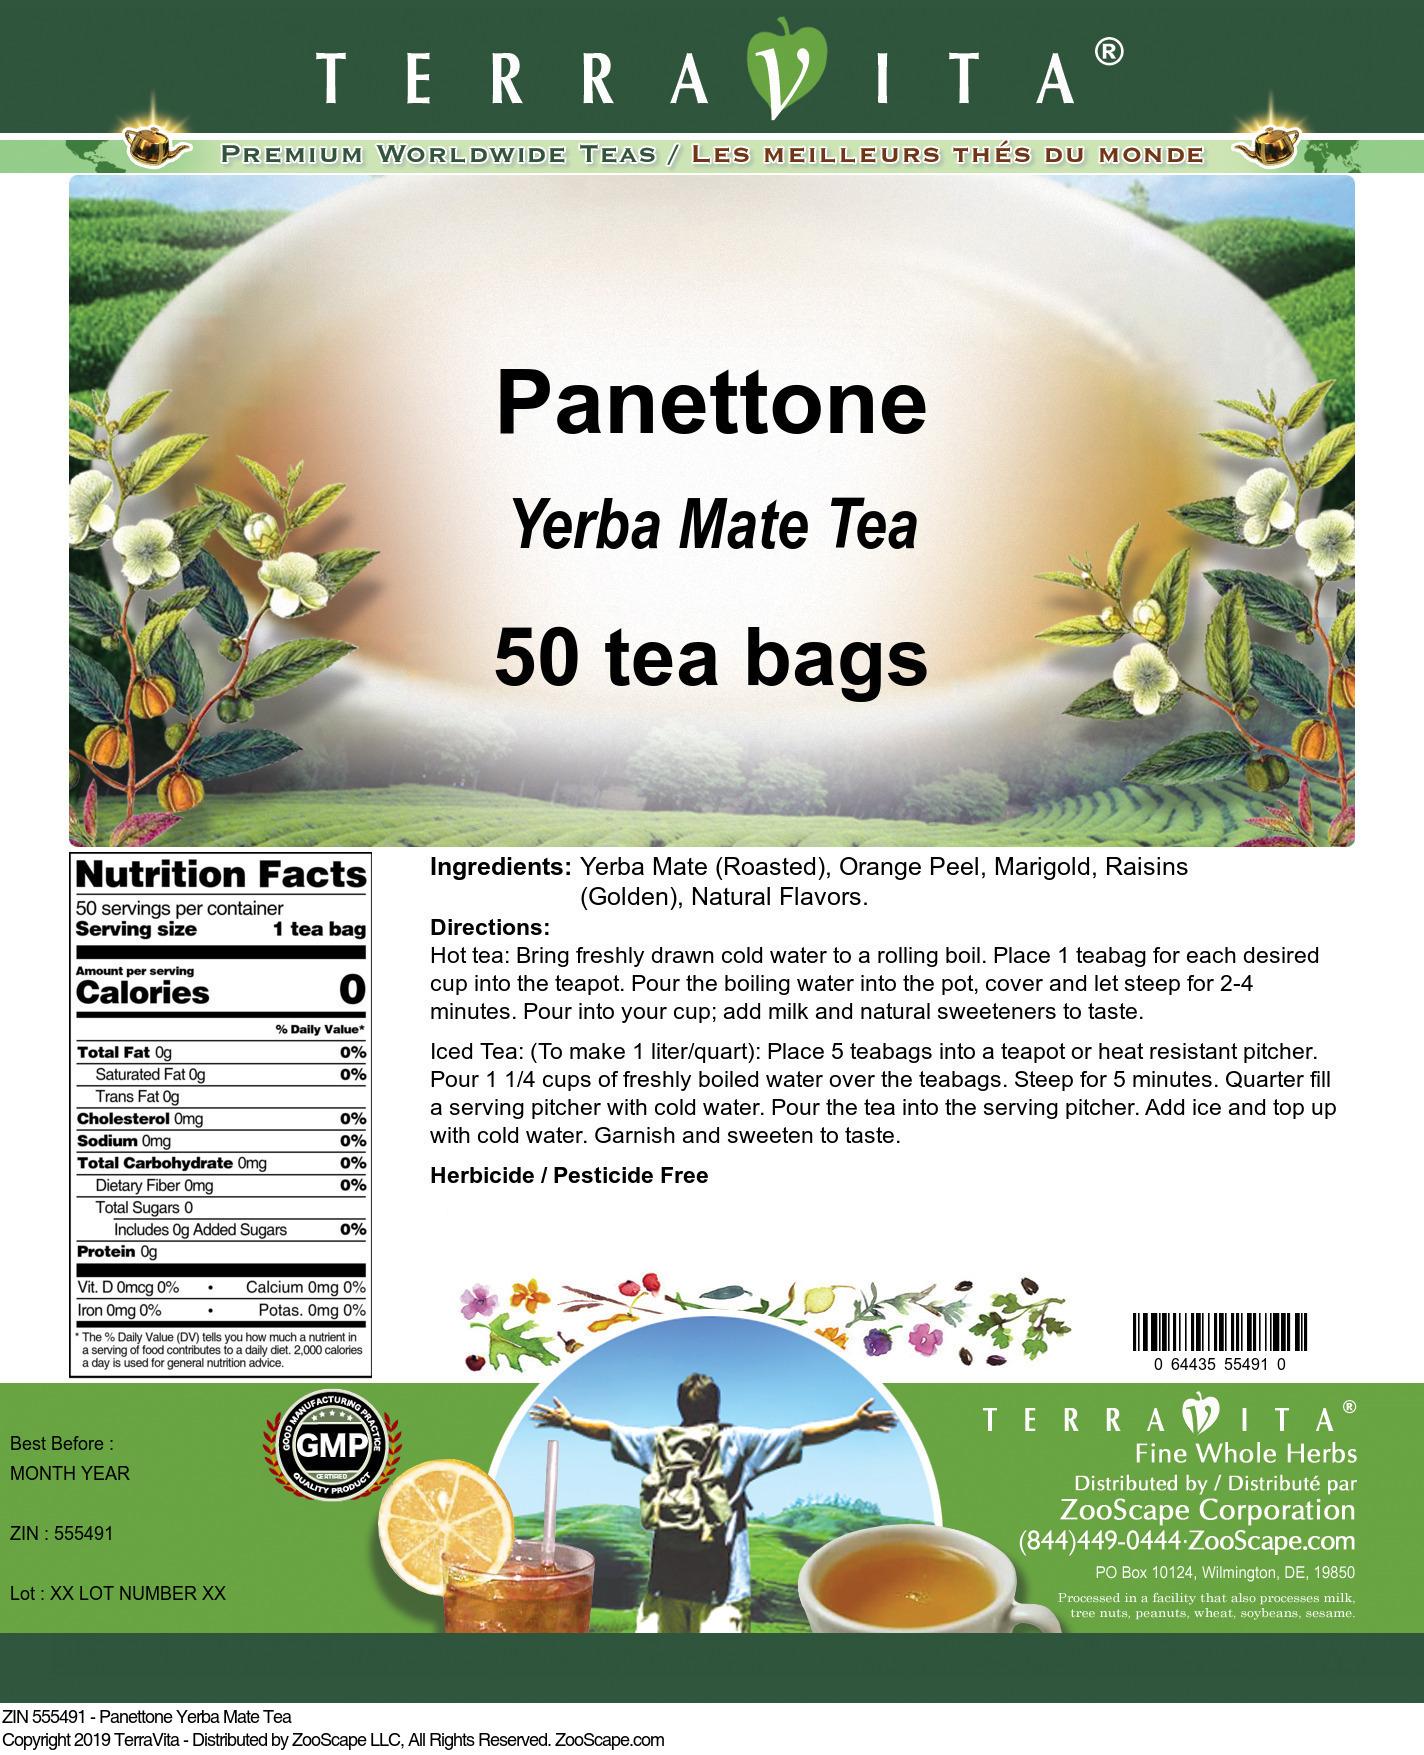 Panettone Yerba Mate Tea